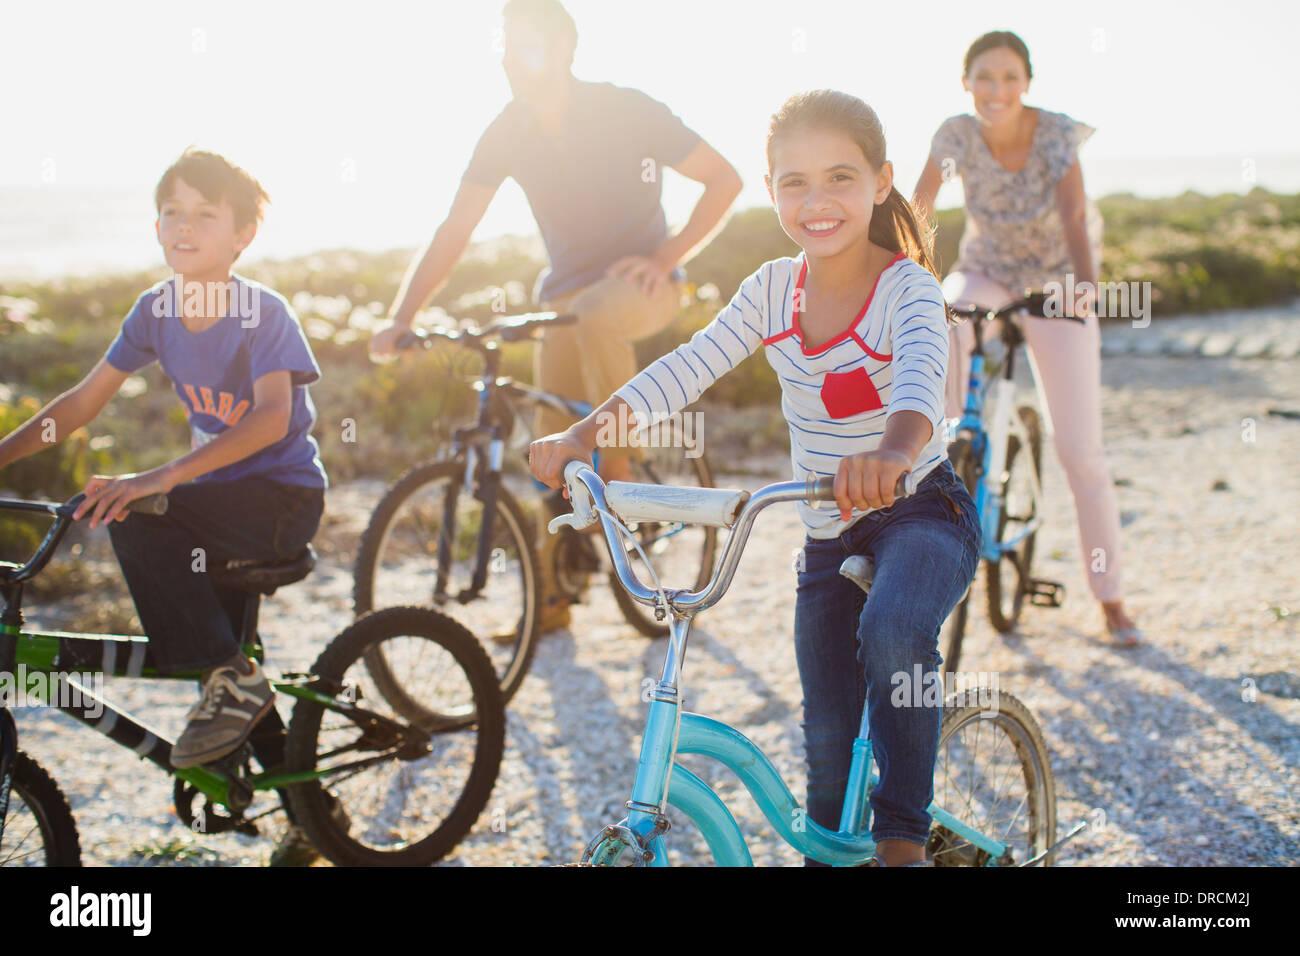 Famiglia equitazione biciclette di sunny beach Immagini Stock